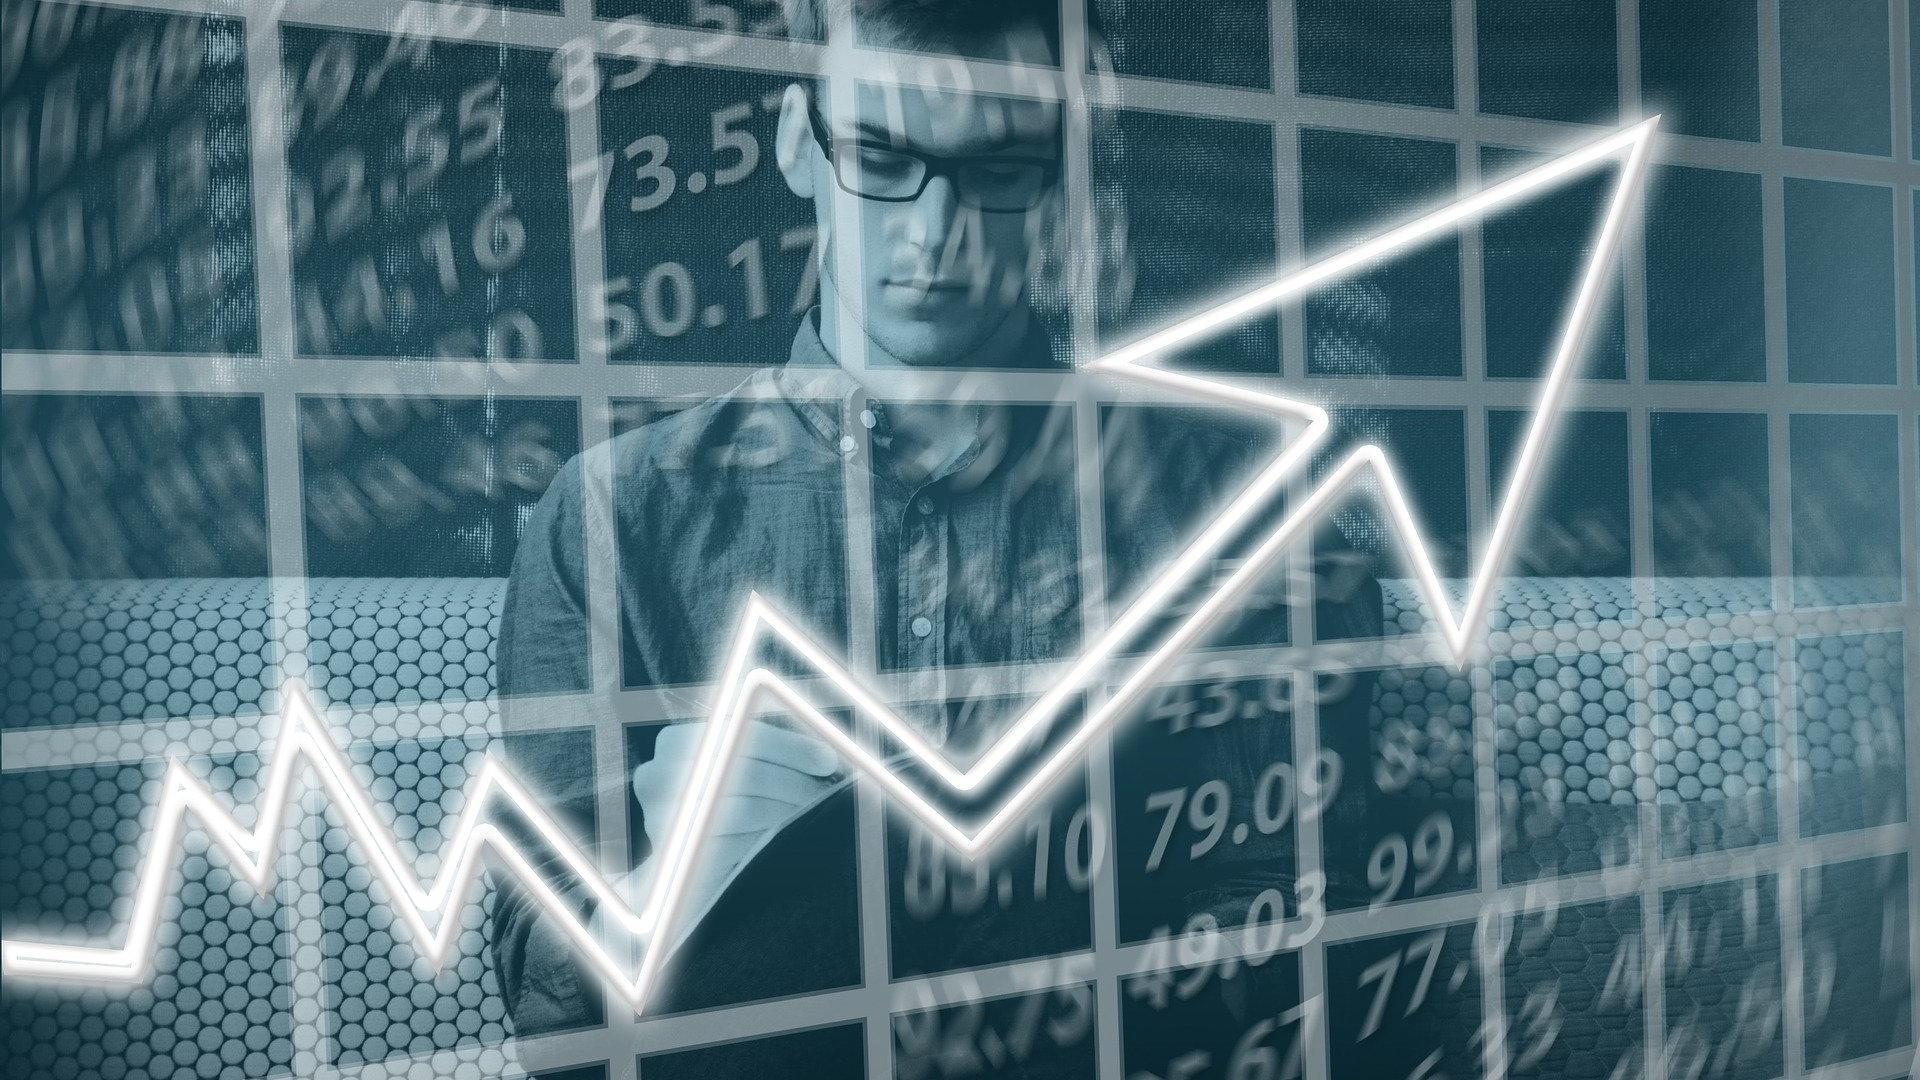 投资必看:2020年一季度大幅预增个股预测2